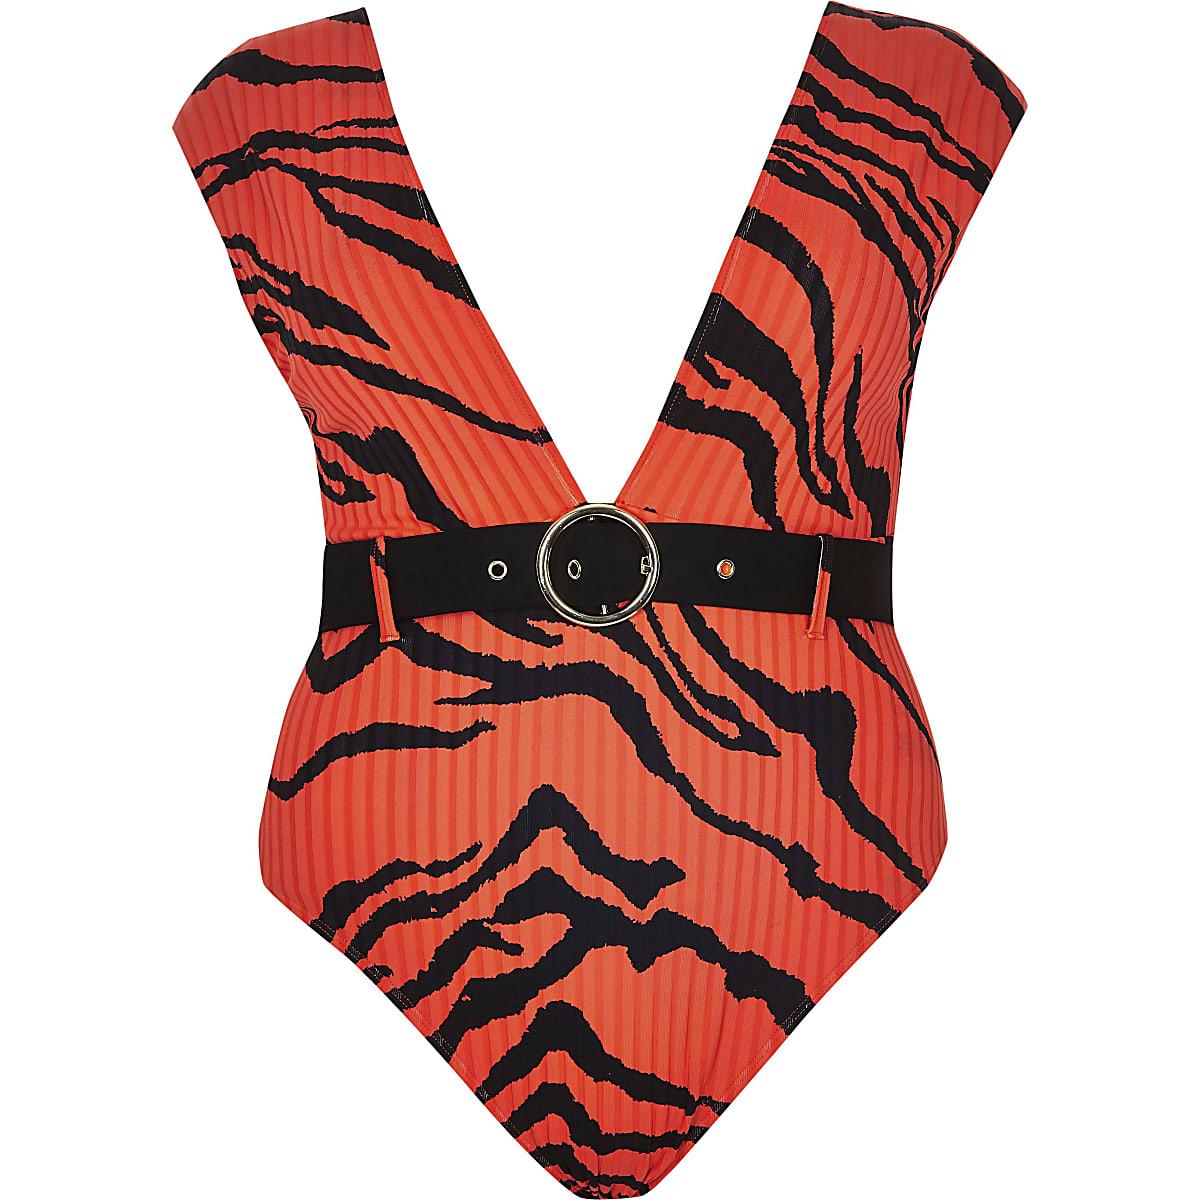 Tijgerprint Badpak.Ri Plus Rood Diep Uitgesneden Zwempak Met Tijgerprint Badpak